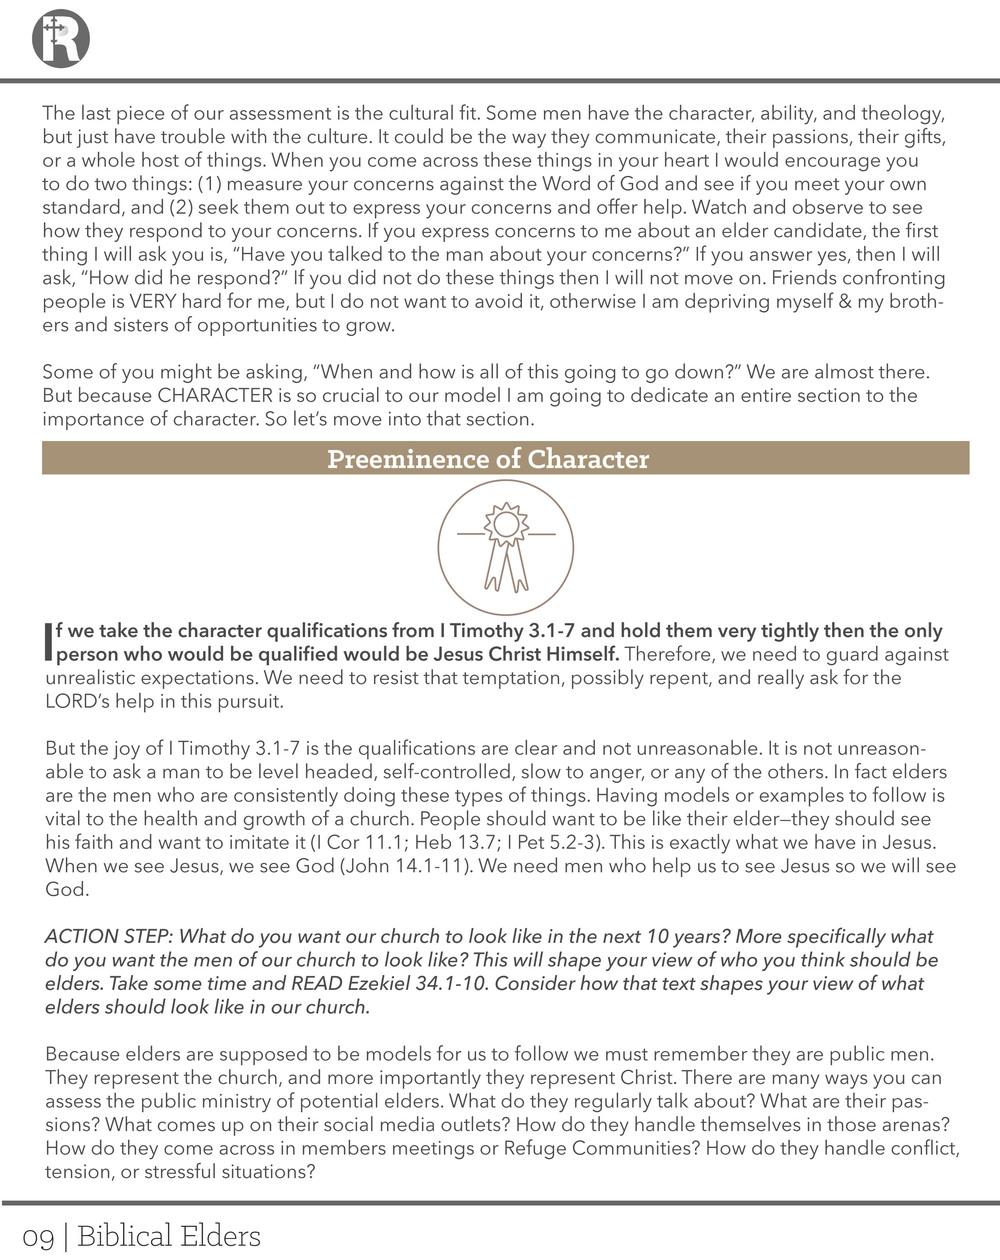 Biblical Elders-10.jpg